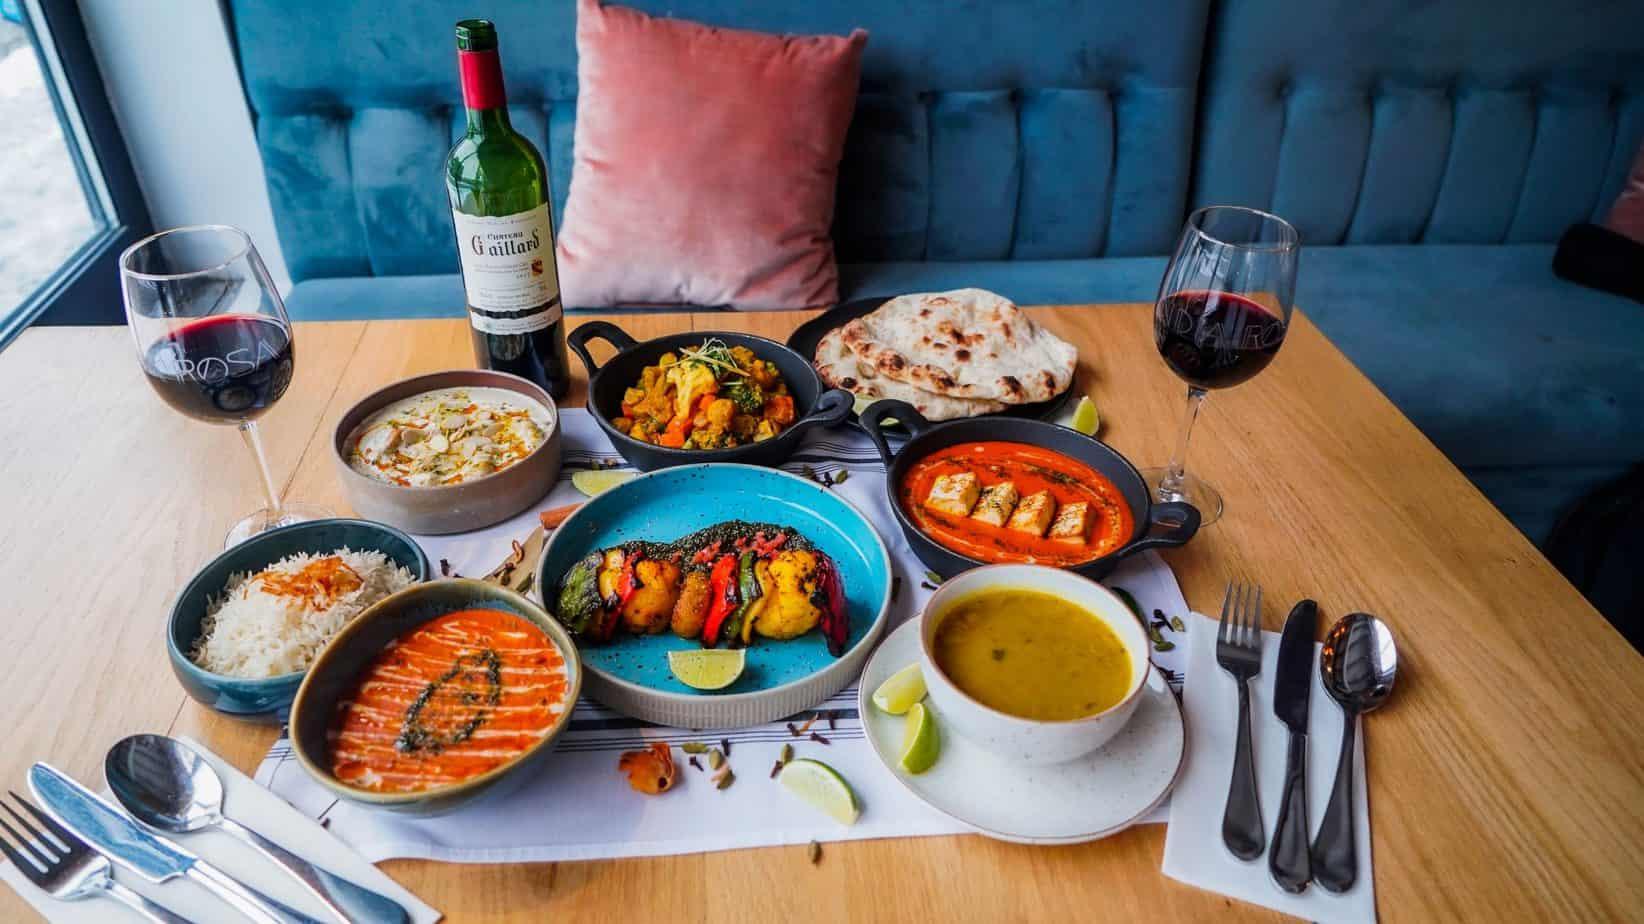 India Rosa vous offre sa Boîte-Repas FESTIVE végétarienne incluant soupe Daal Tarka et légumes Tandoori en entrée; suivi de Paneer au Beurre, Daal Makhani, Malai Kofta et légumes Masala; le tout accompagné de riz, pain Naan, dessert et d'une bouteille de vin